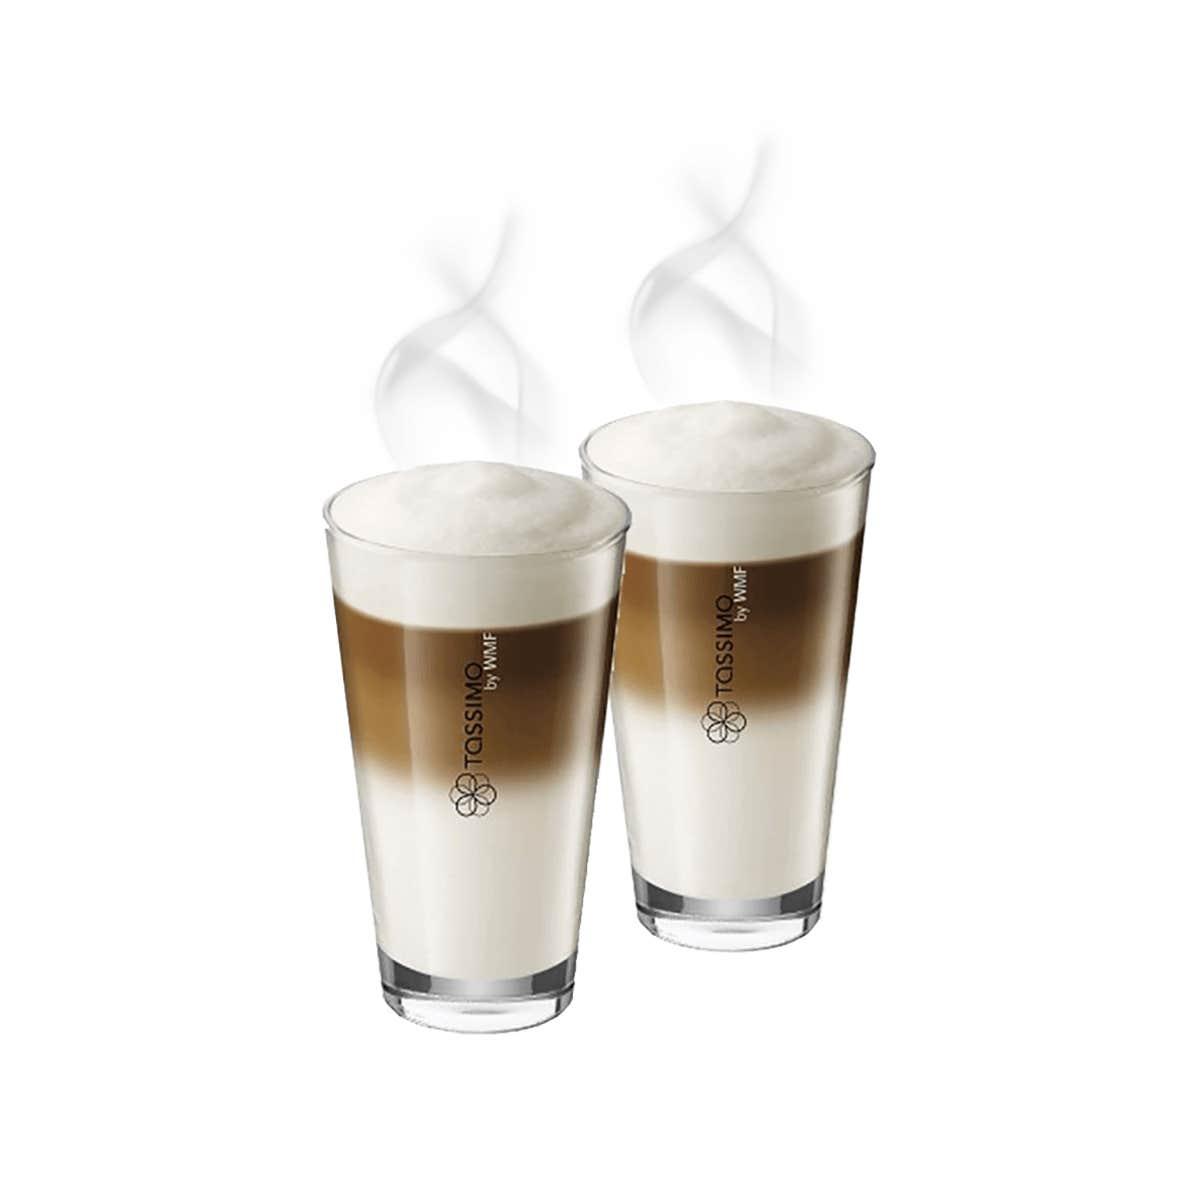 TASSIMO Verres Latte Macchiato by WMF, boîte de 2